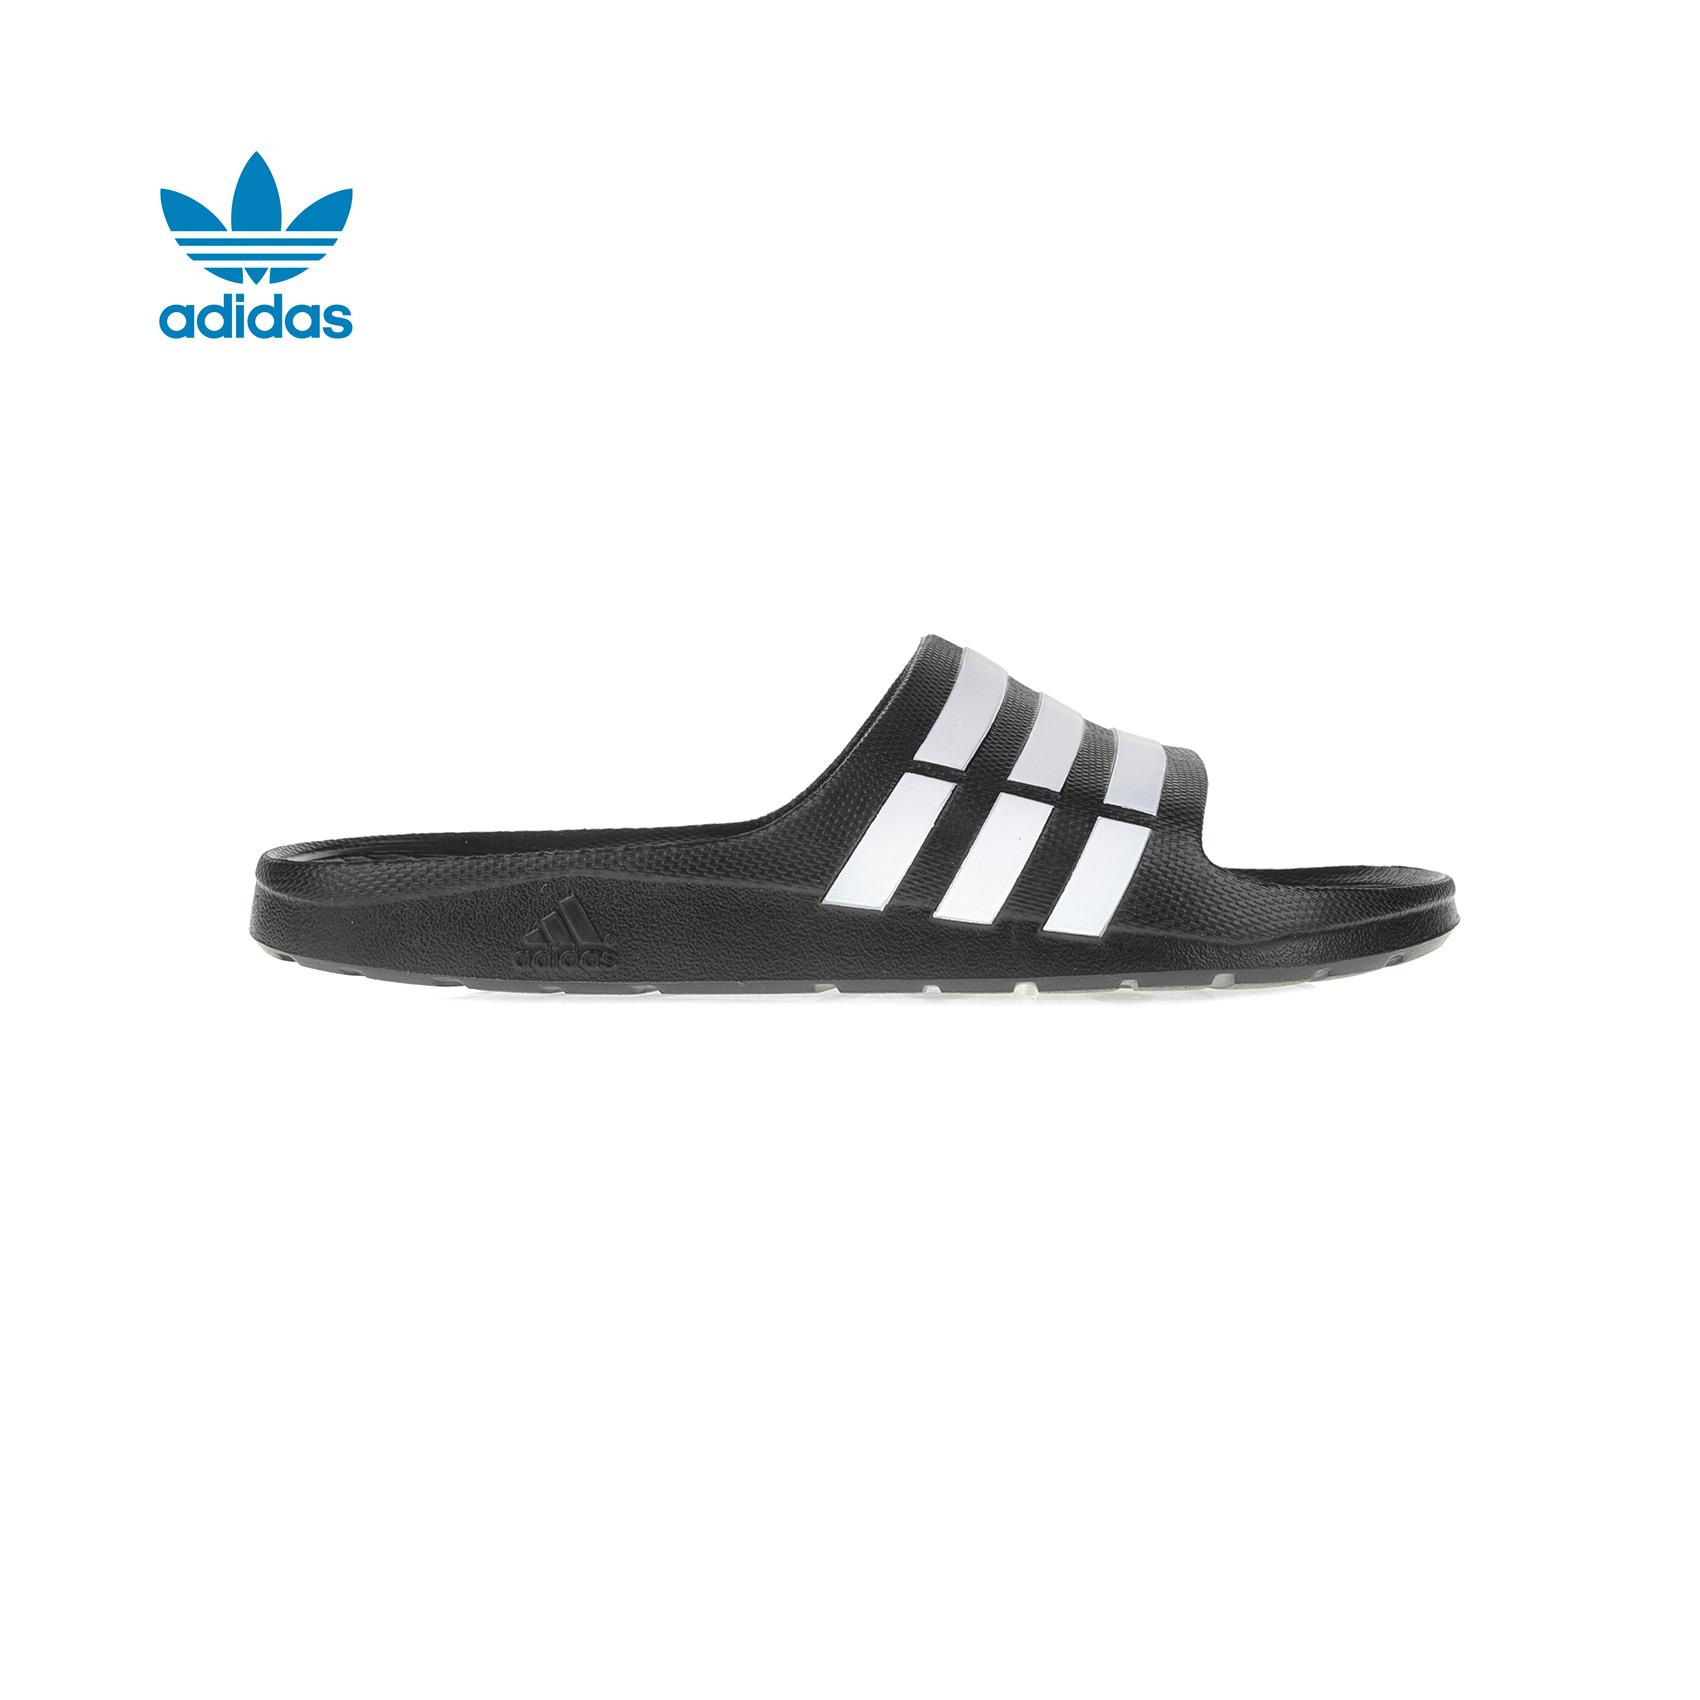 1f040aba60c -30% adidas Originals – Unisex sliders adidas DURAMO μαύρα